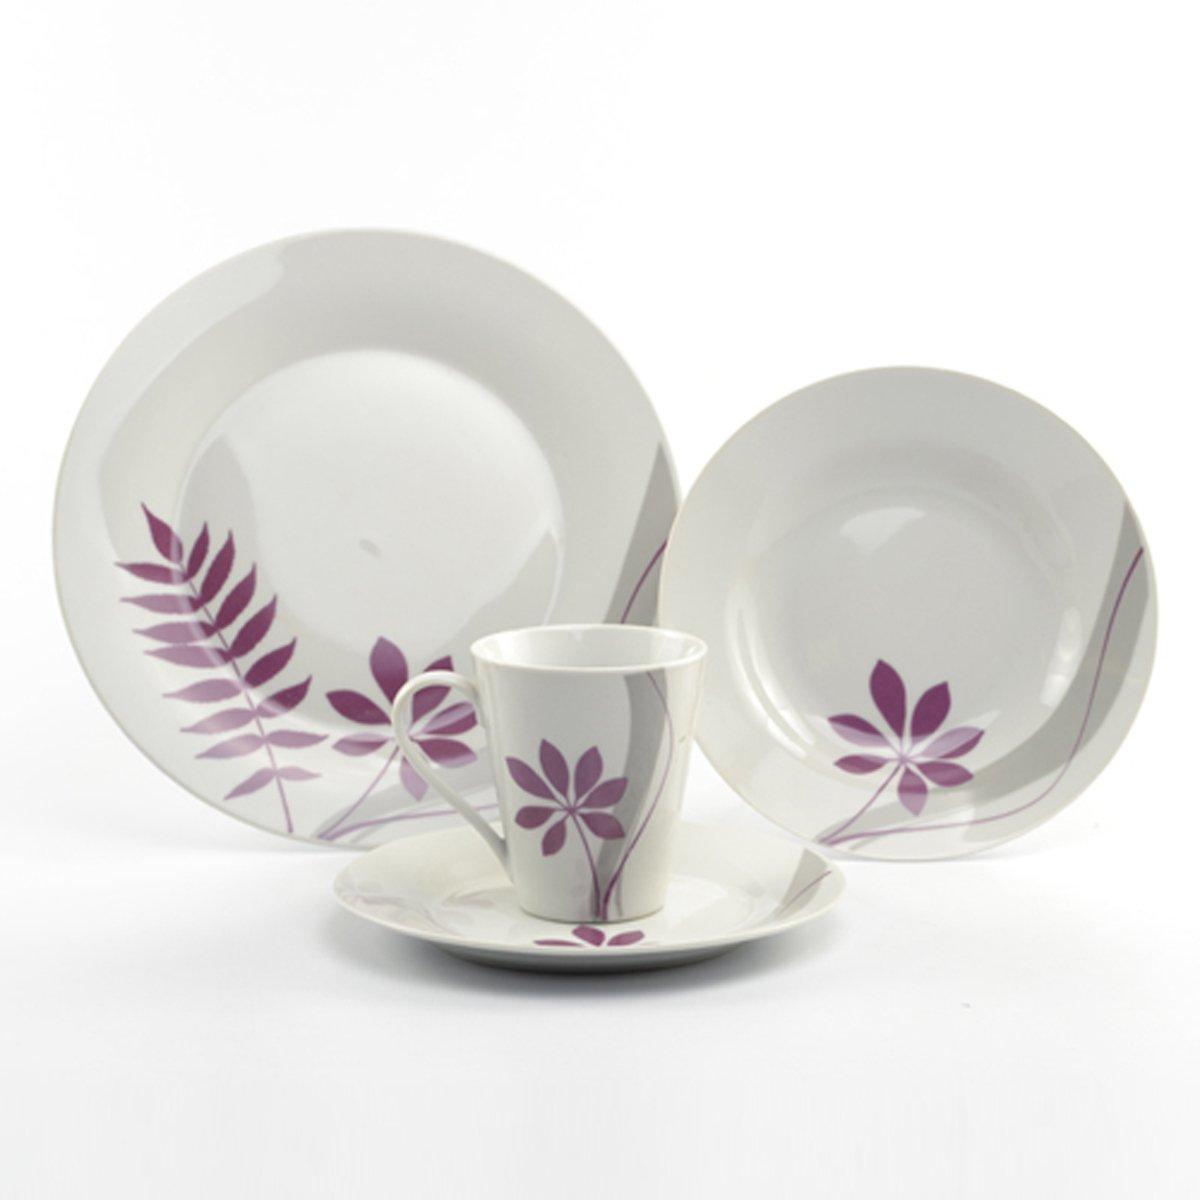 Vajilla 16 piezas porcelana palmira crown baccara sears for Vajilla porcelana